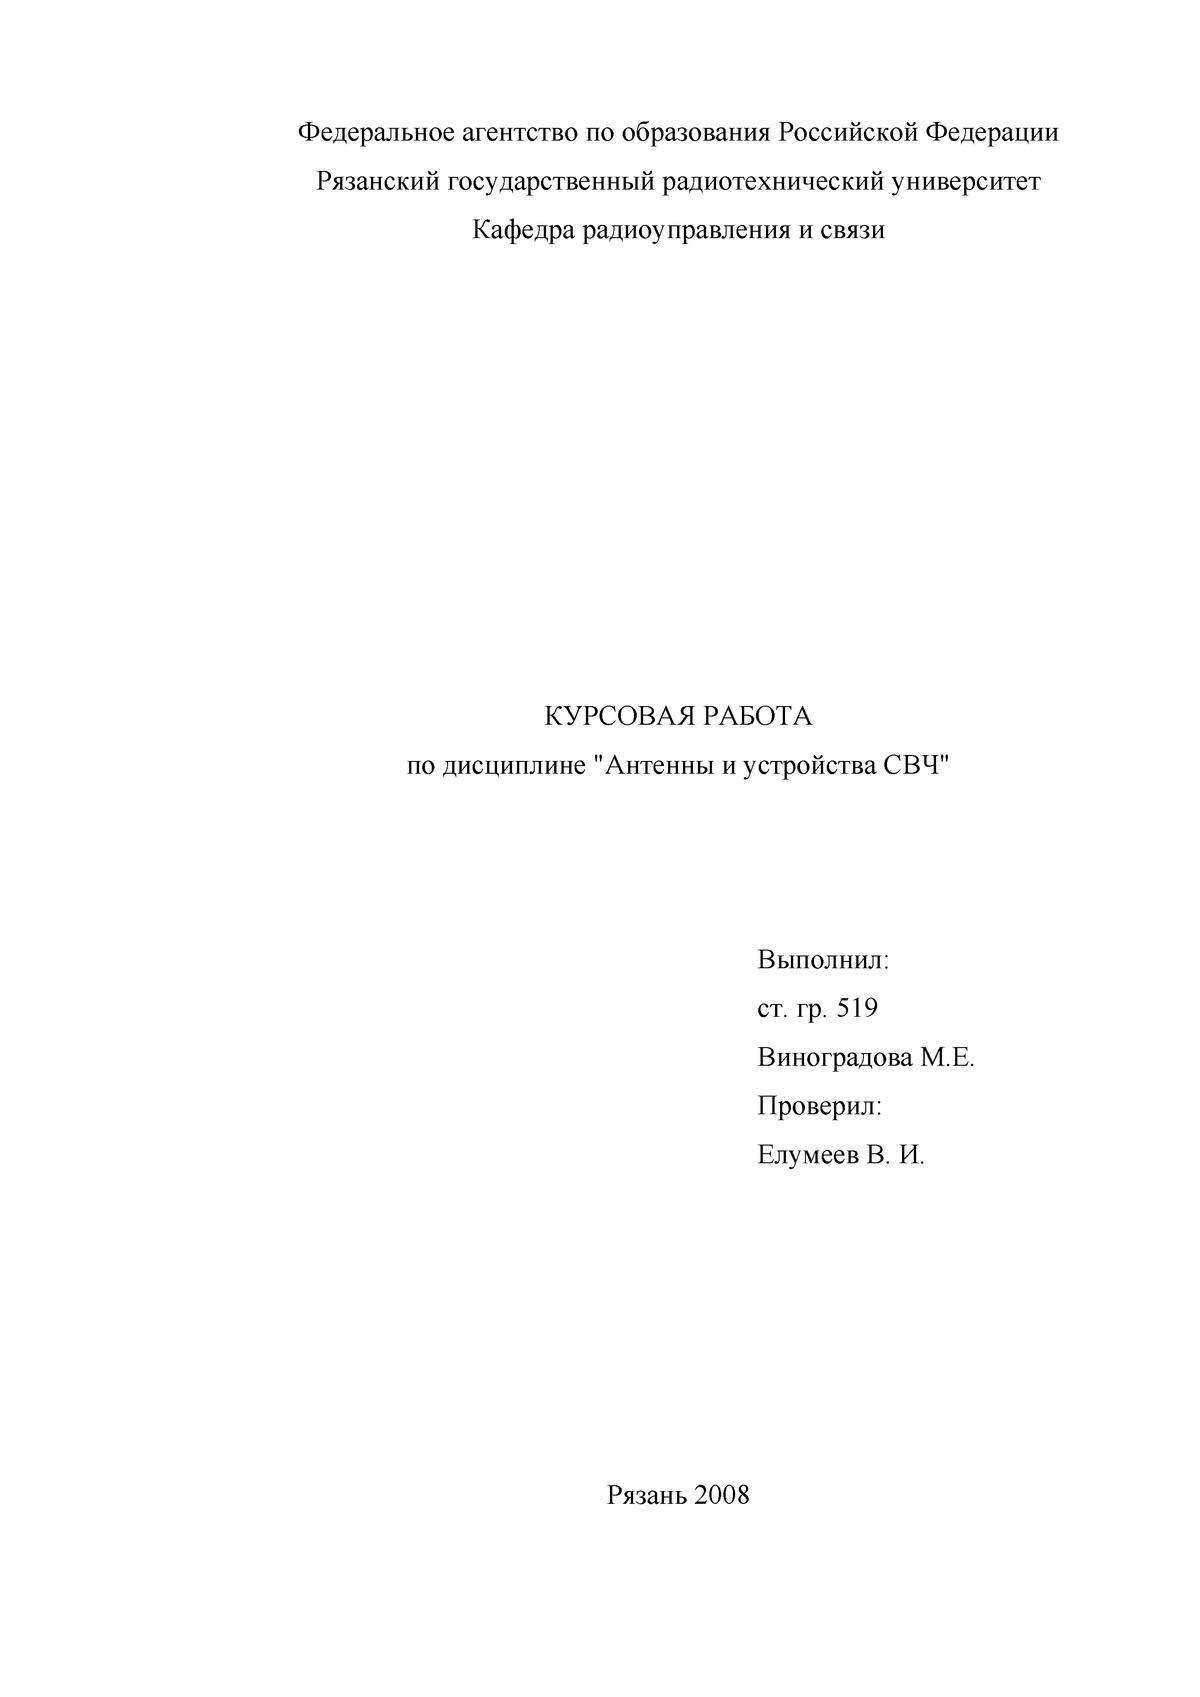 Курсовая работа антенны и устройства свч 3580